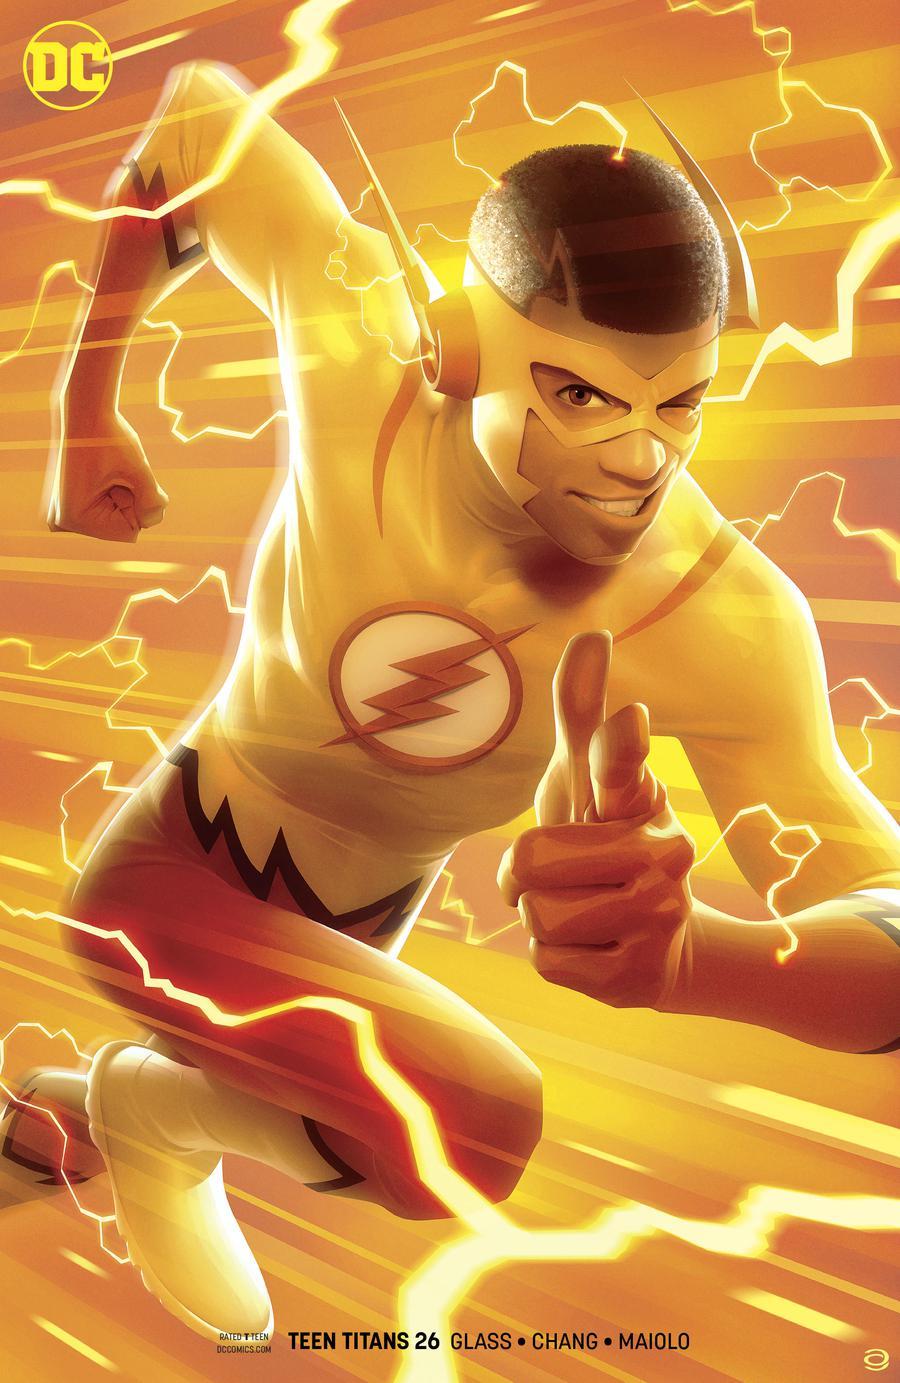 Teen Titans Vol 6 #26 Cover B Variant Alex Garner Cover